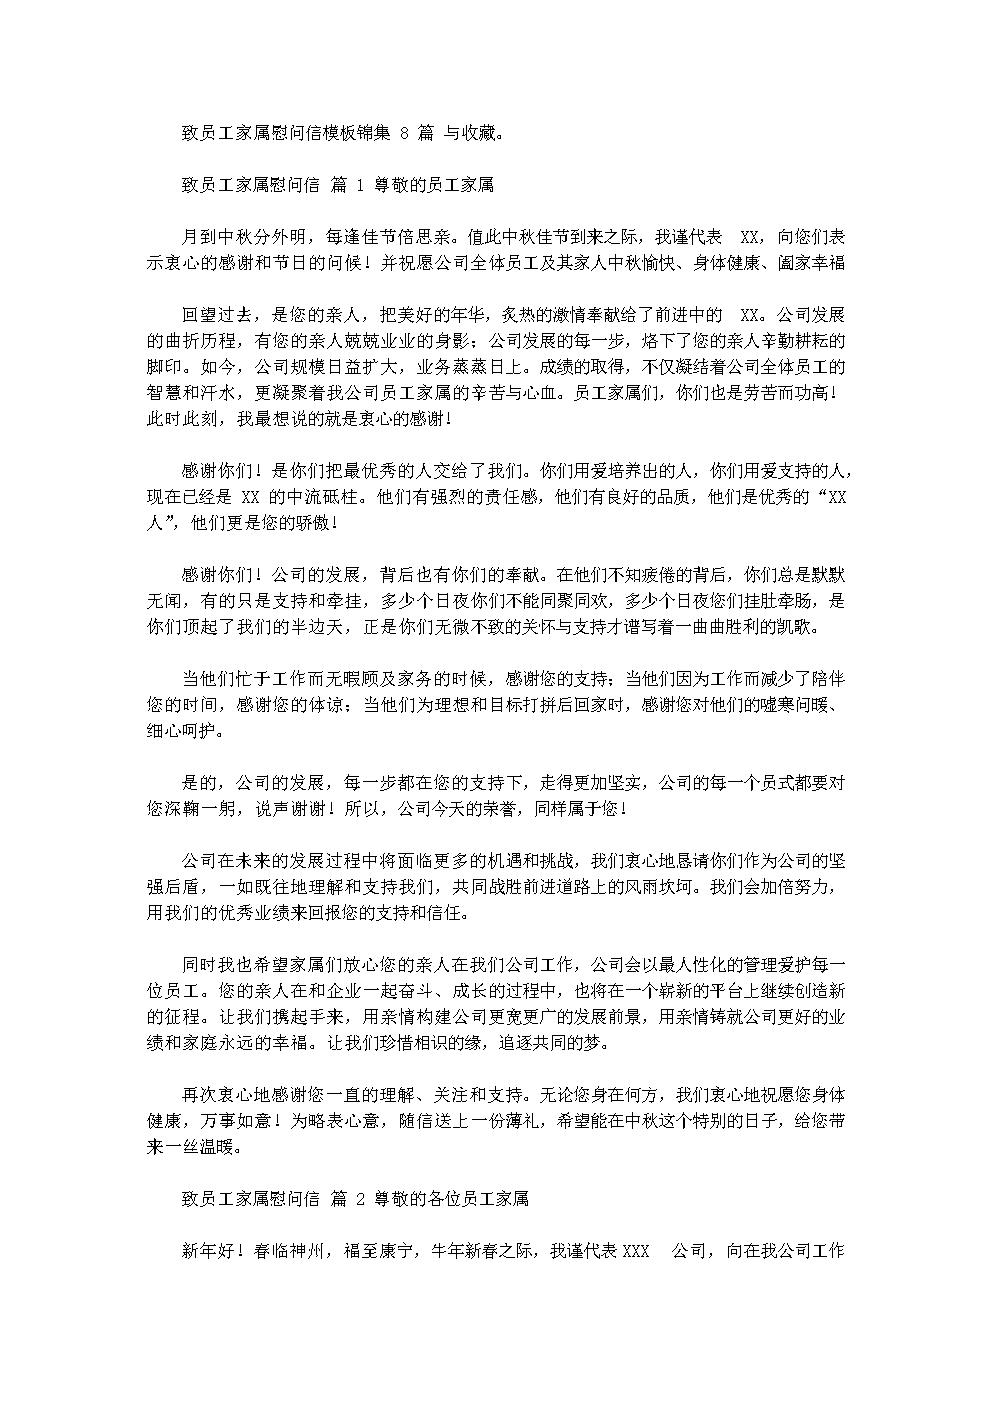 2020年致员工家属慰问信范文锦集.doc